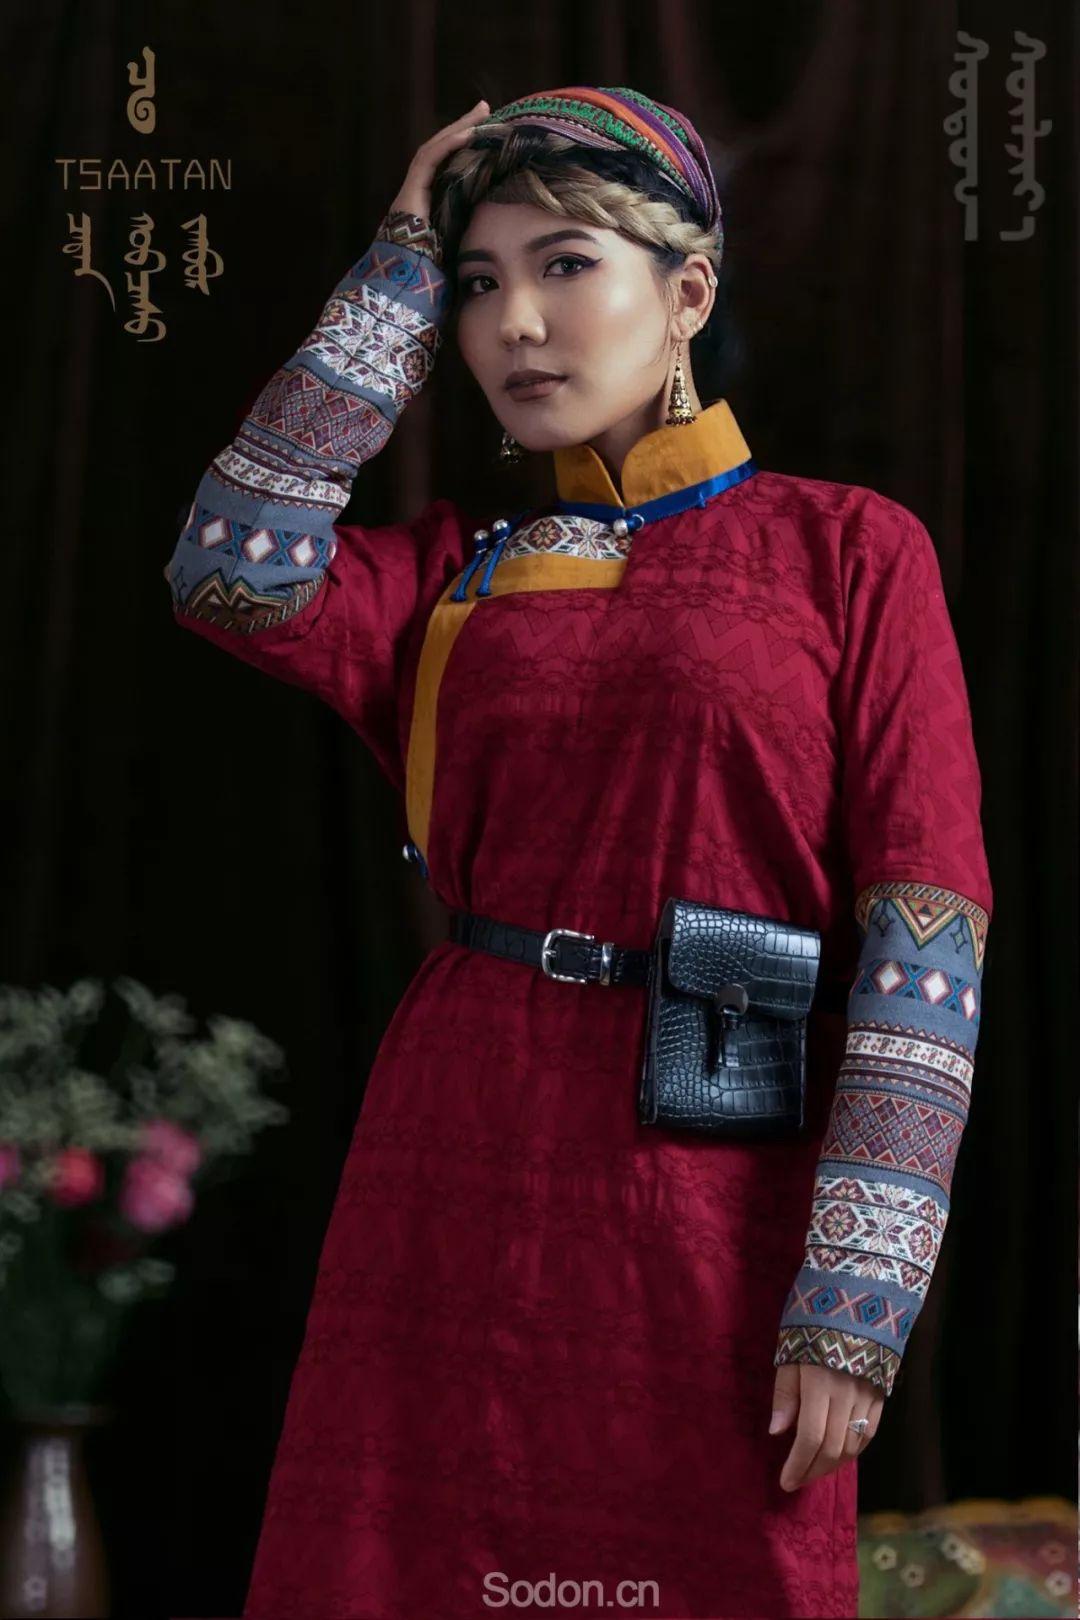 TSAATAN蒙古时装 2019新款,来自驯鹿人的独特魅力! 第56张 TSAATAN蒙古时装 2019新款,来自驯鹿人的独特魅力! 蒙古服饰